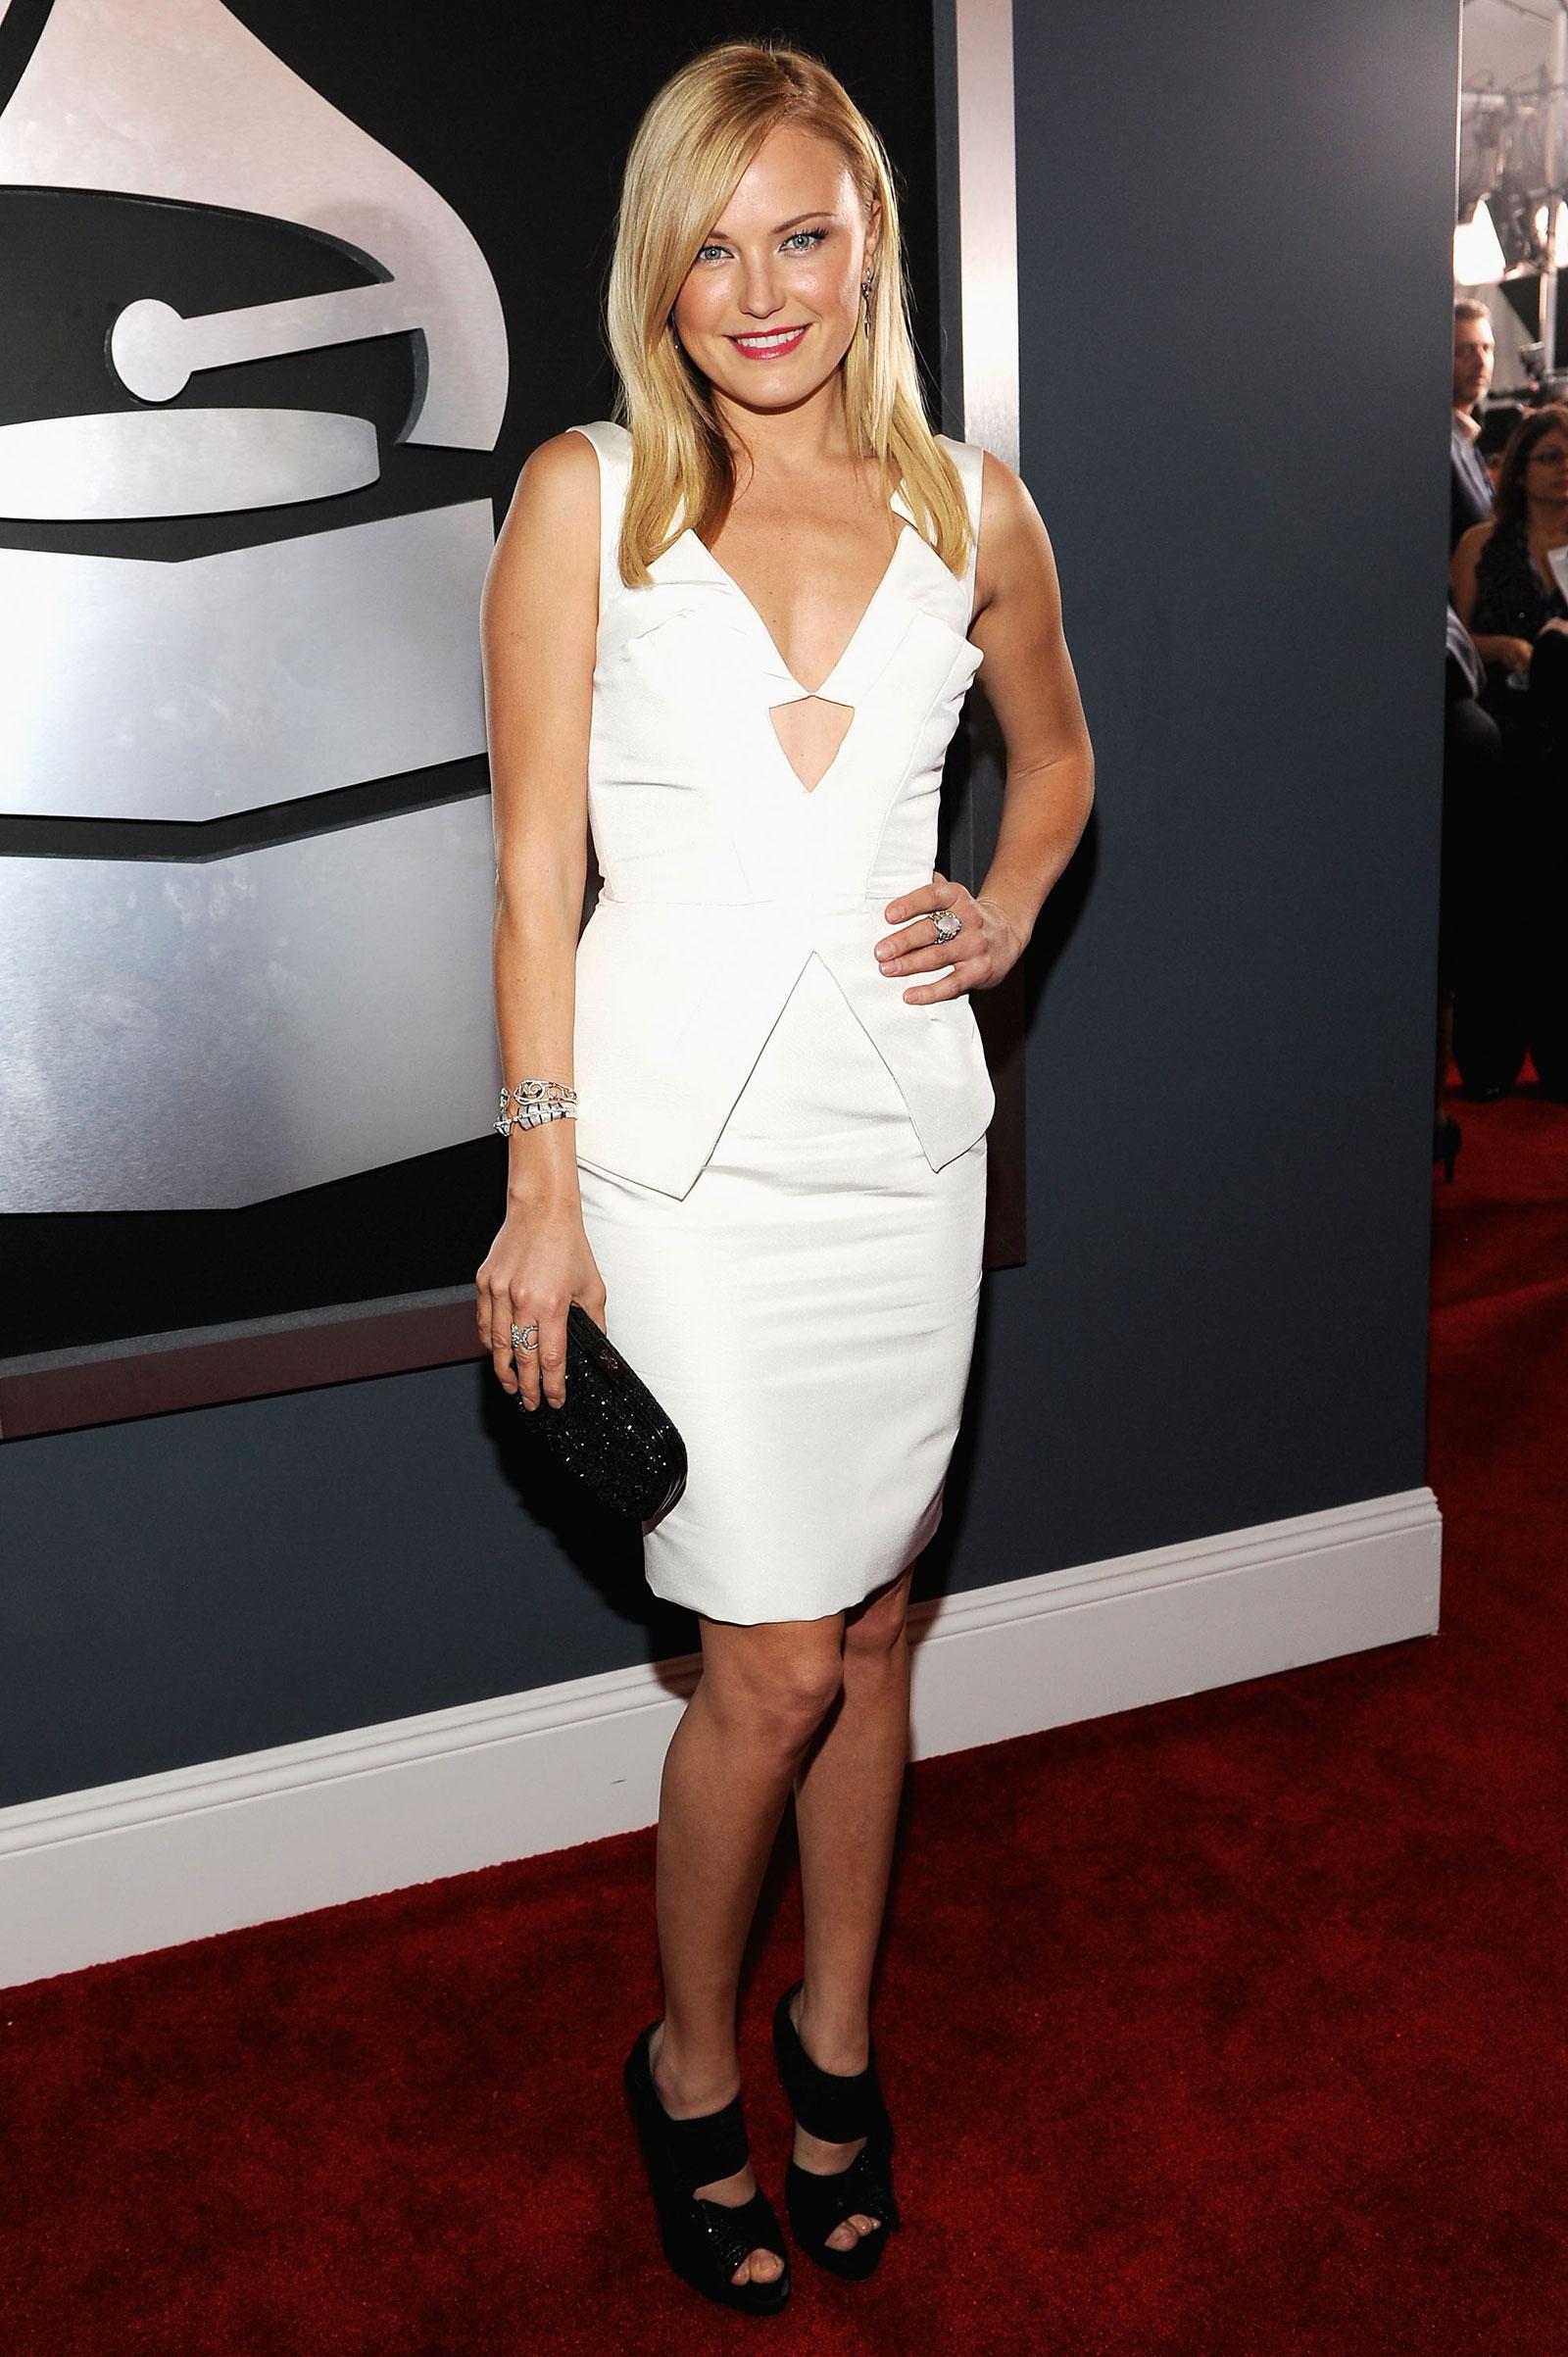 Malin Akerman at 54th Annual Grammy Awards